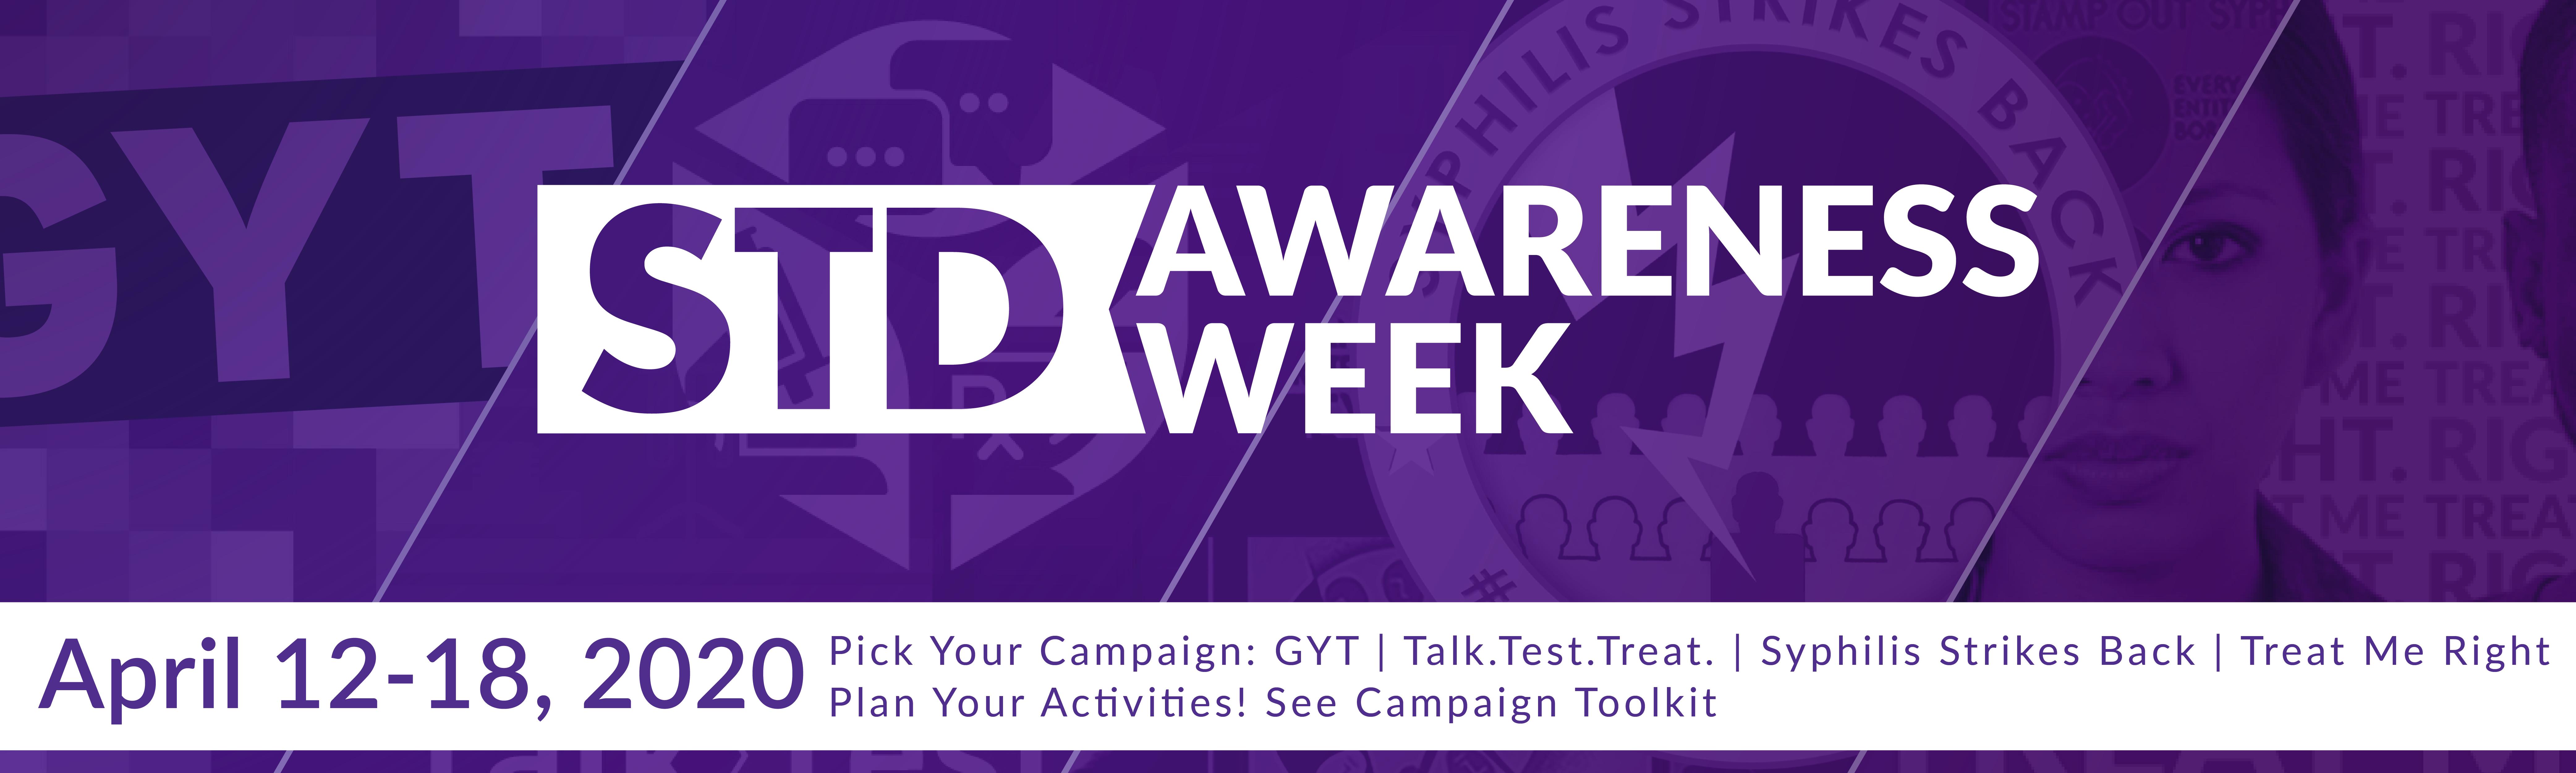 STD Awareness Week